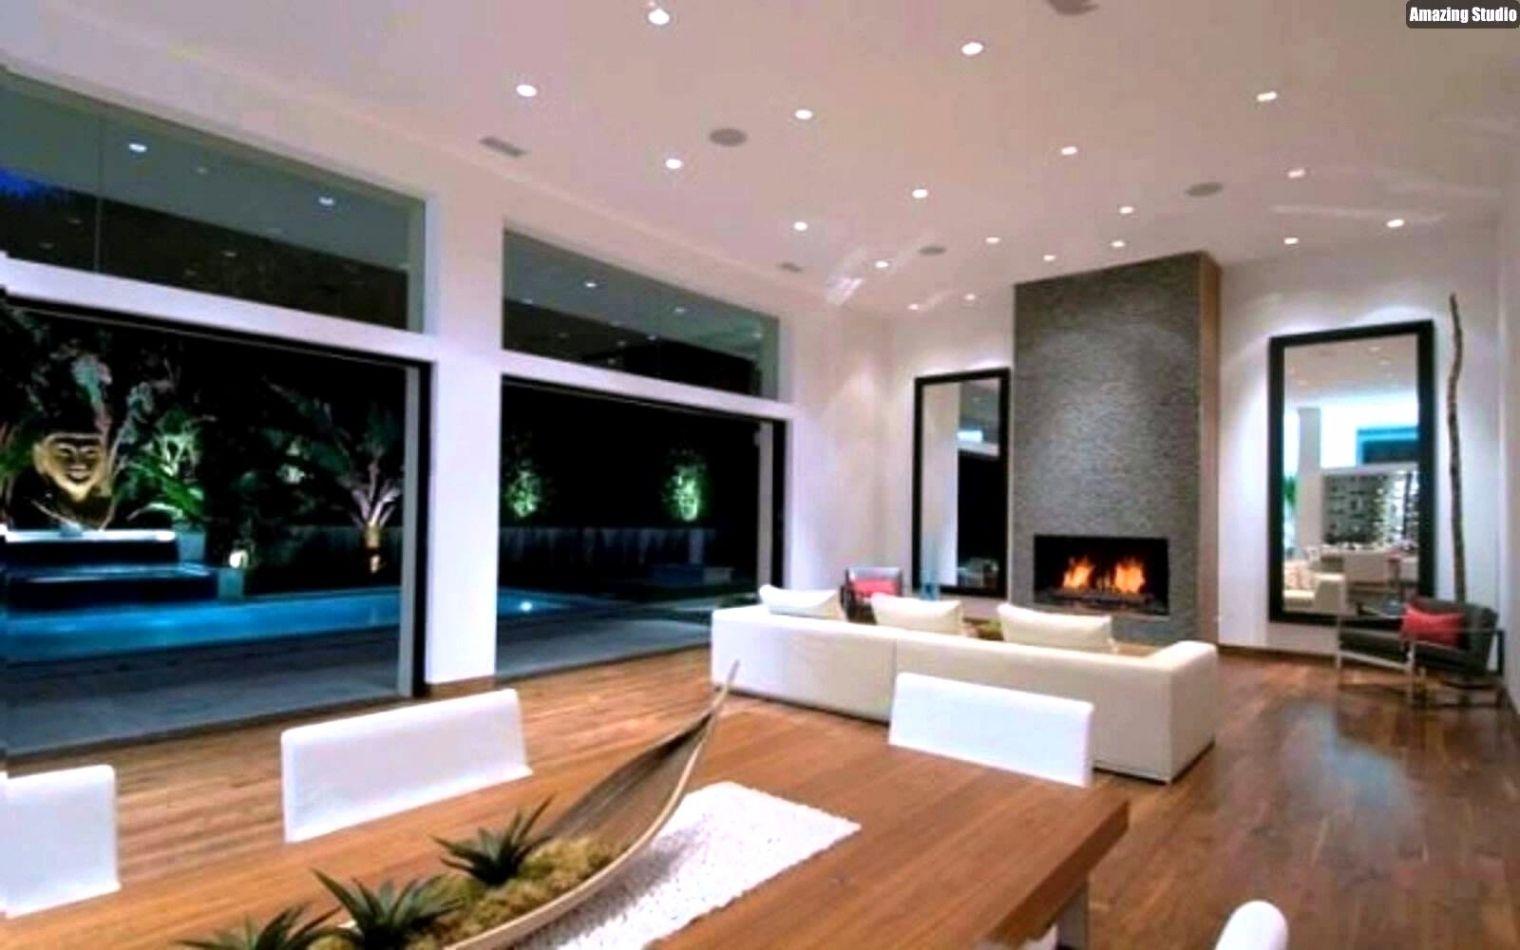 Schön Wohnzimmer Decken Deko  Minimalist living room, Living room